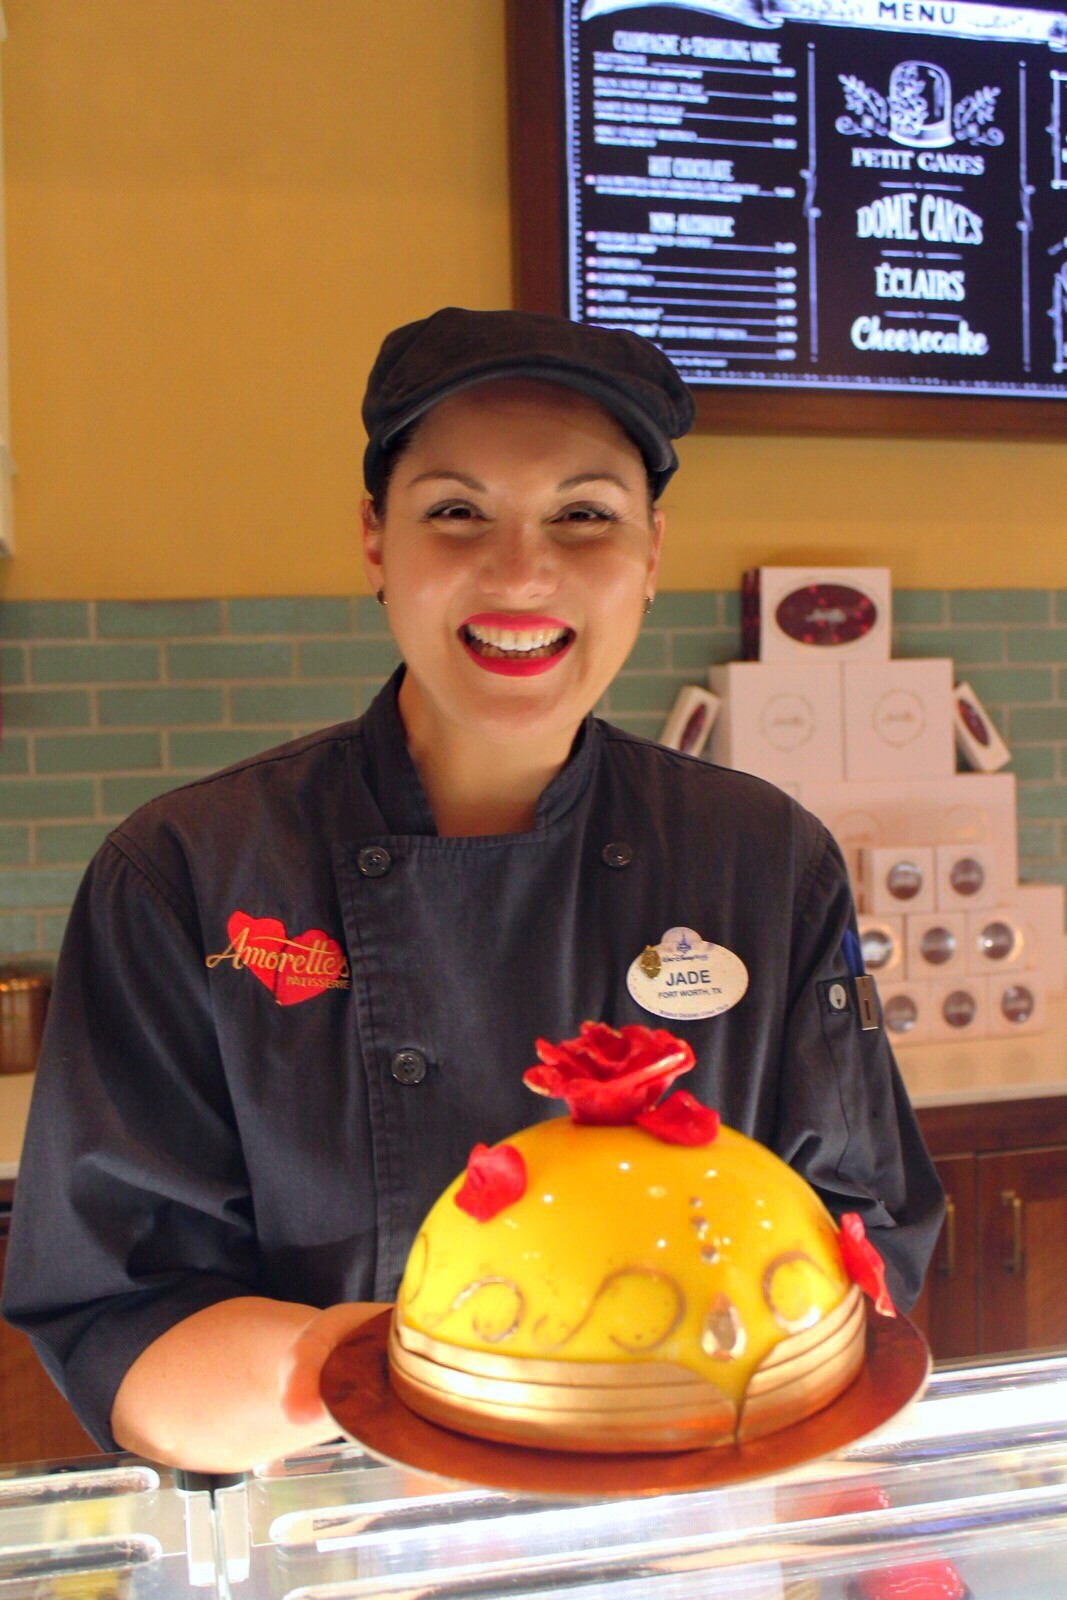 Jade Bowser - Chef de Patisserie da Amorette's